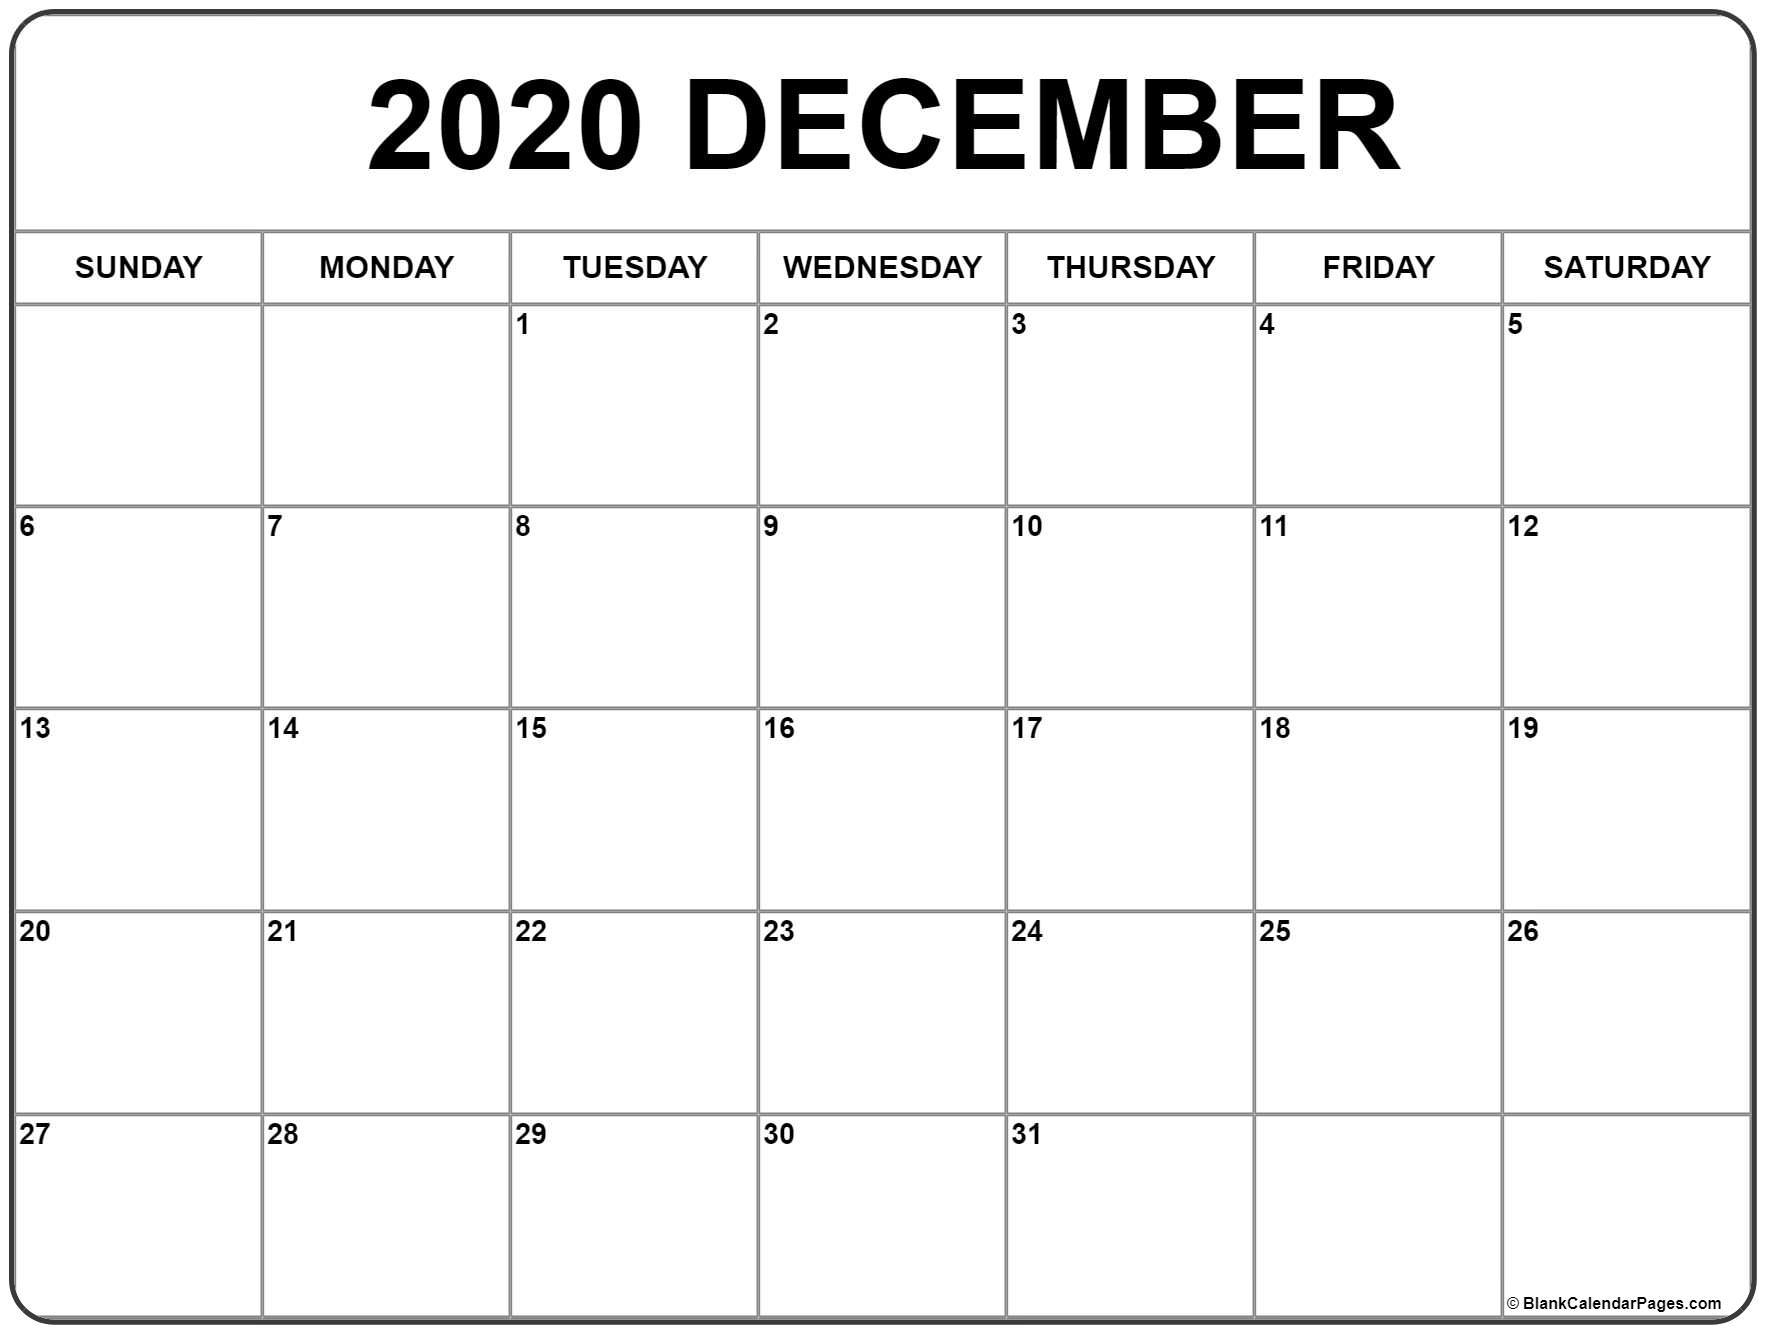 Calendar 2020 December Printable - Wpa.wpart.co